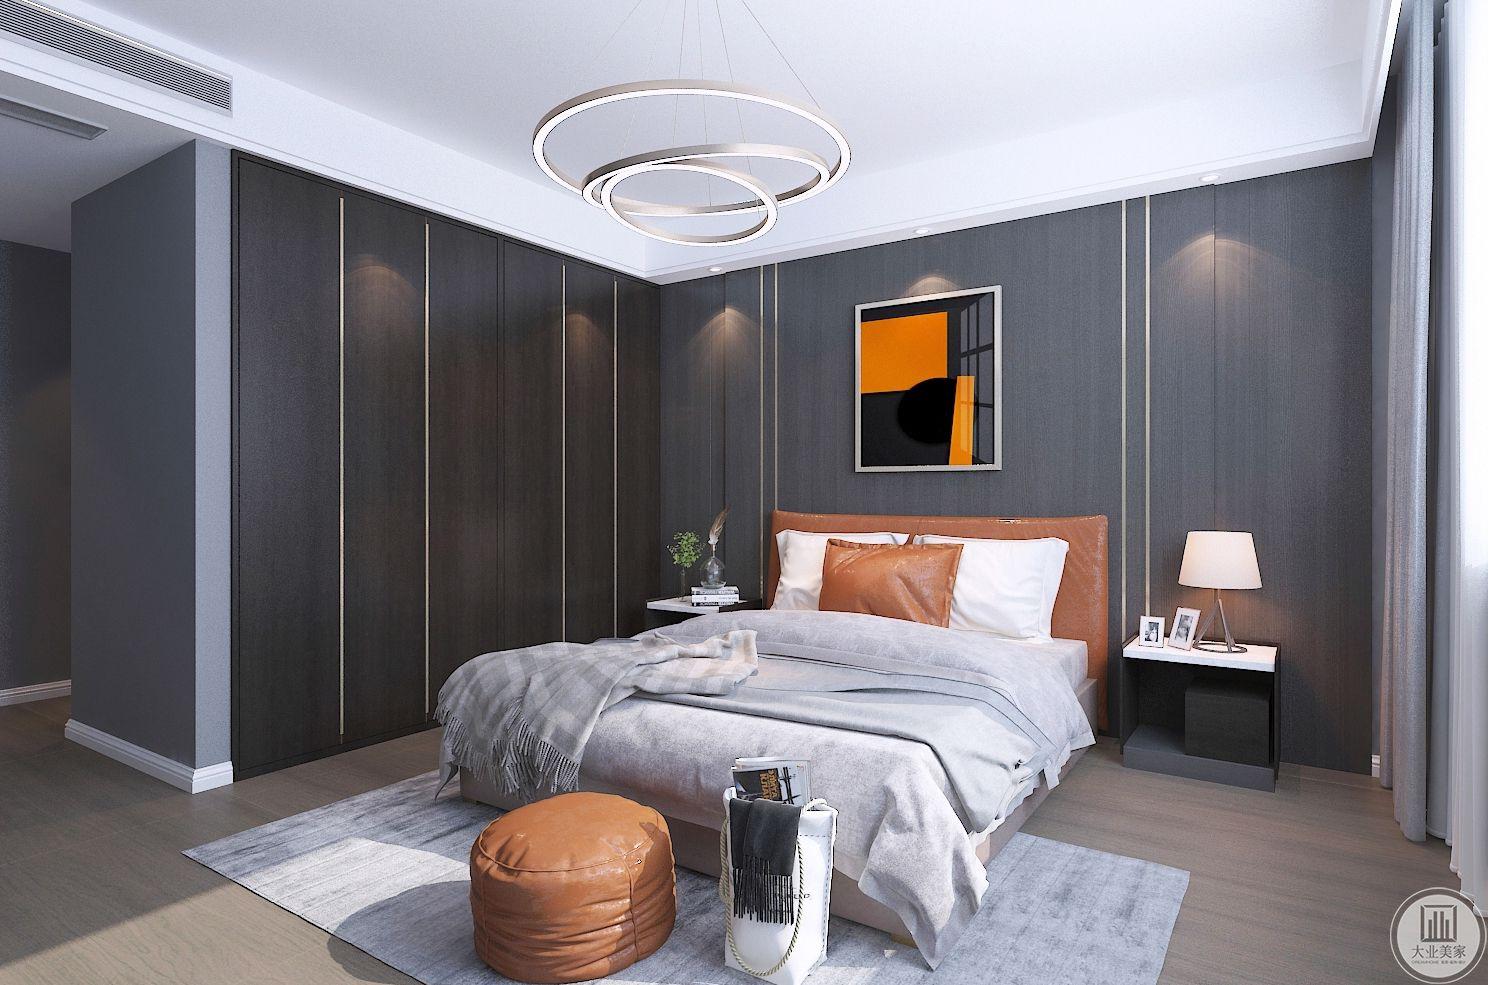 卧室装修效果图:回归主卧寻求自我的沉静和情感的归属,设计师表达了都市关乎现代时尚和精神追求的思考,在设计中着力打造安宁与舒适的居住体验。